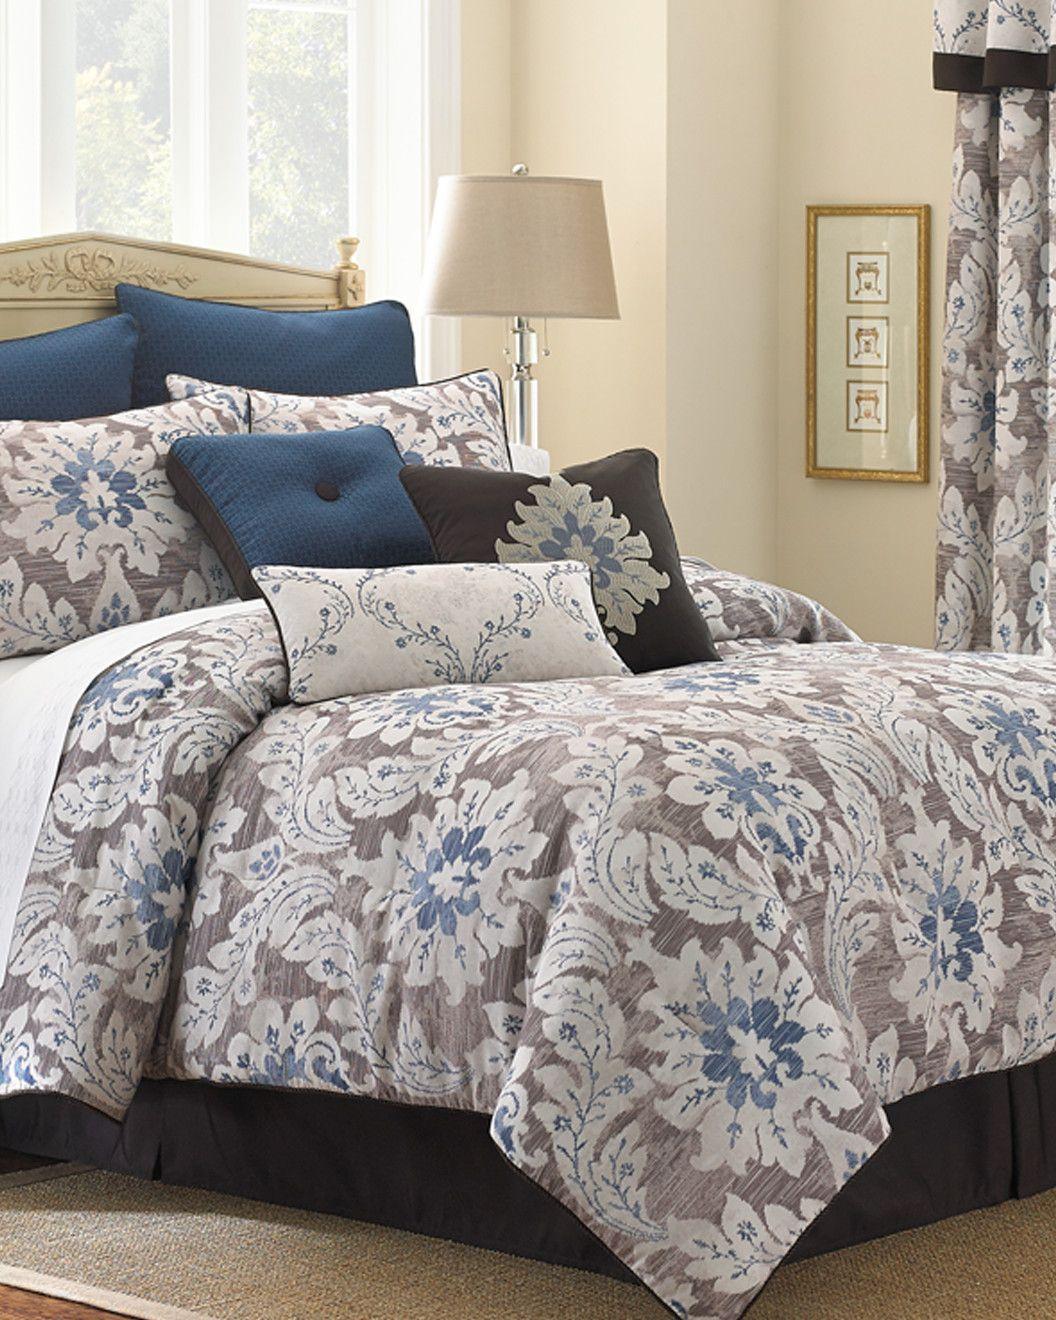 Shelter upholstered king headboard comforter